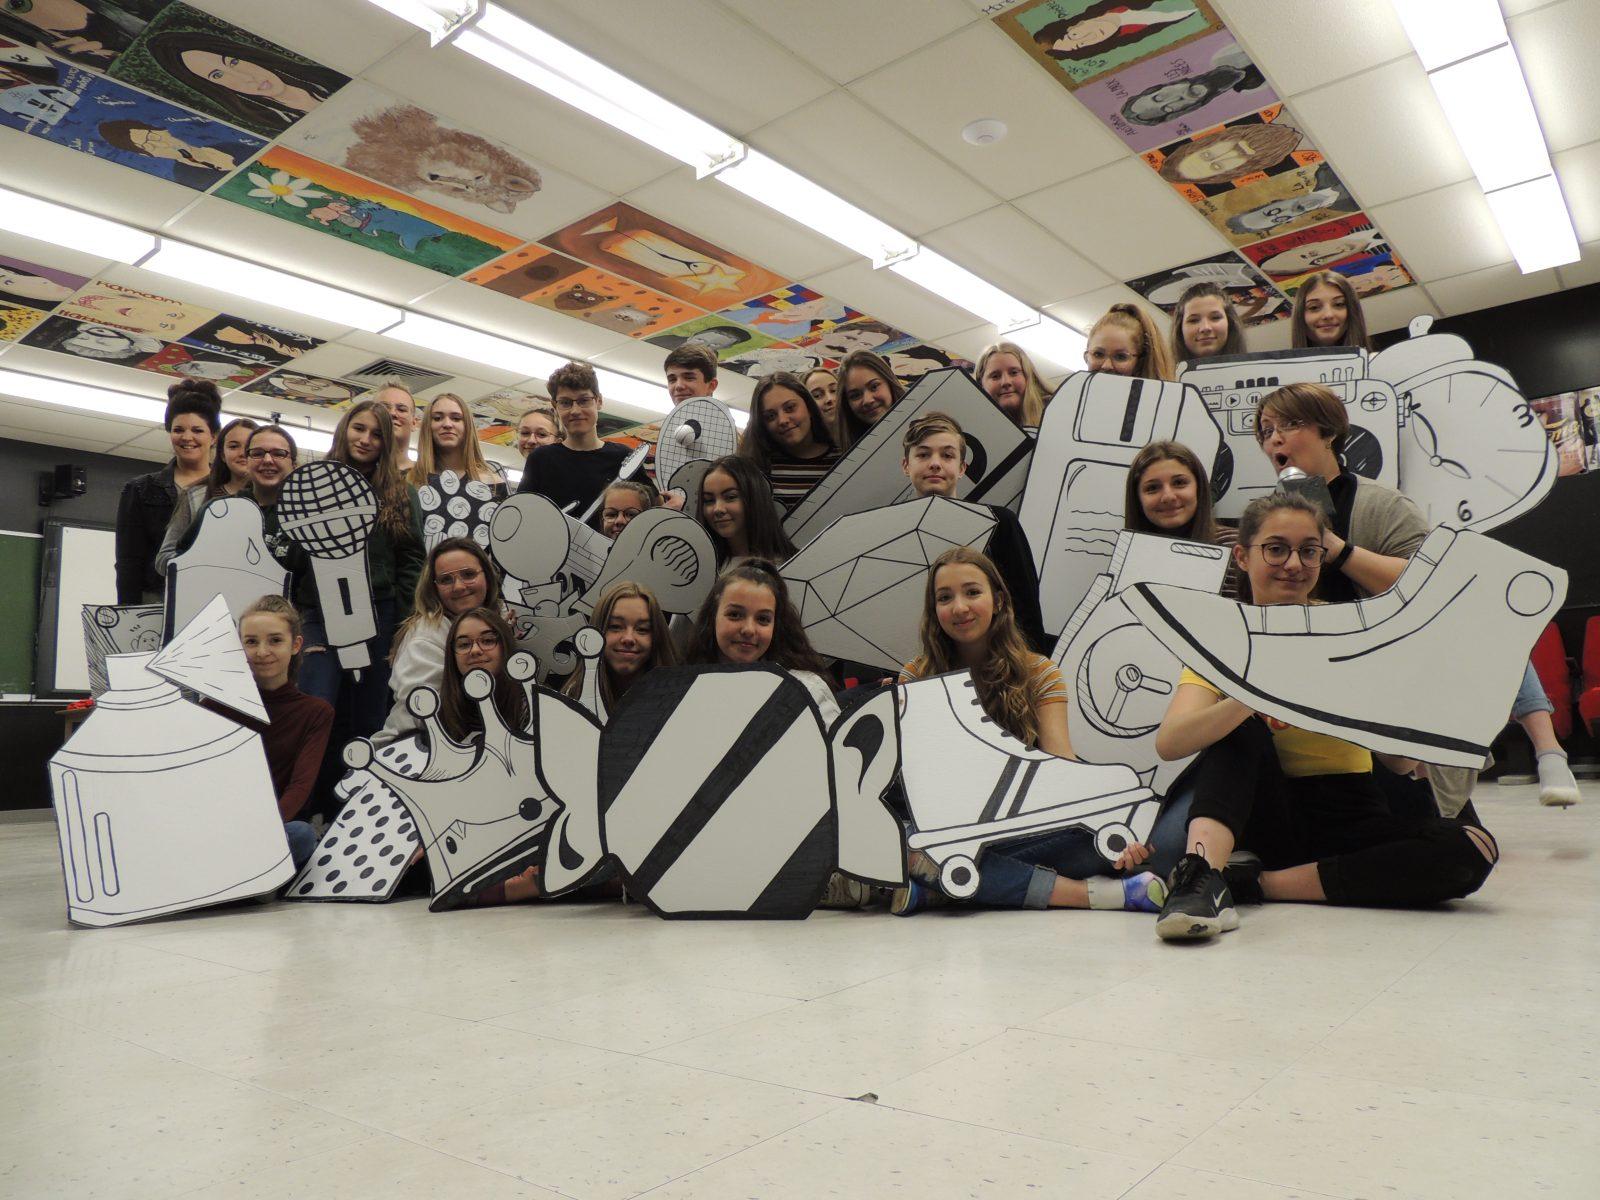 École secondaire Des Chutes : Dansons… le pied de poule!